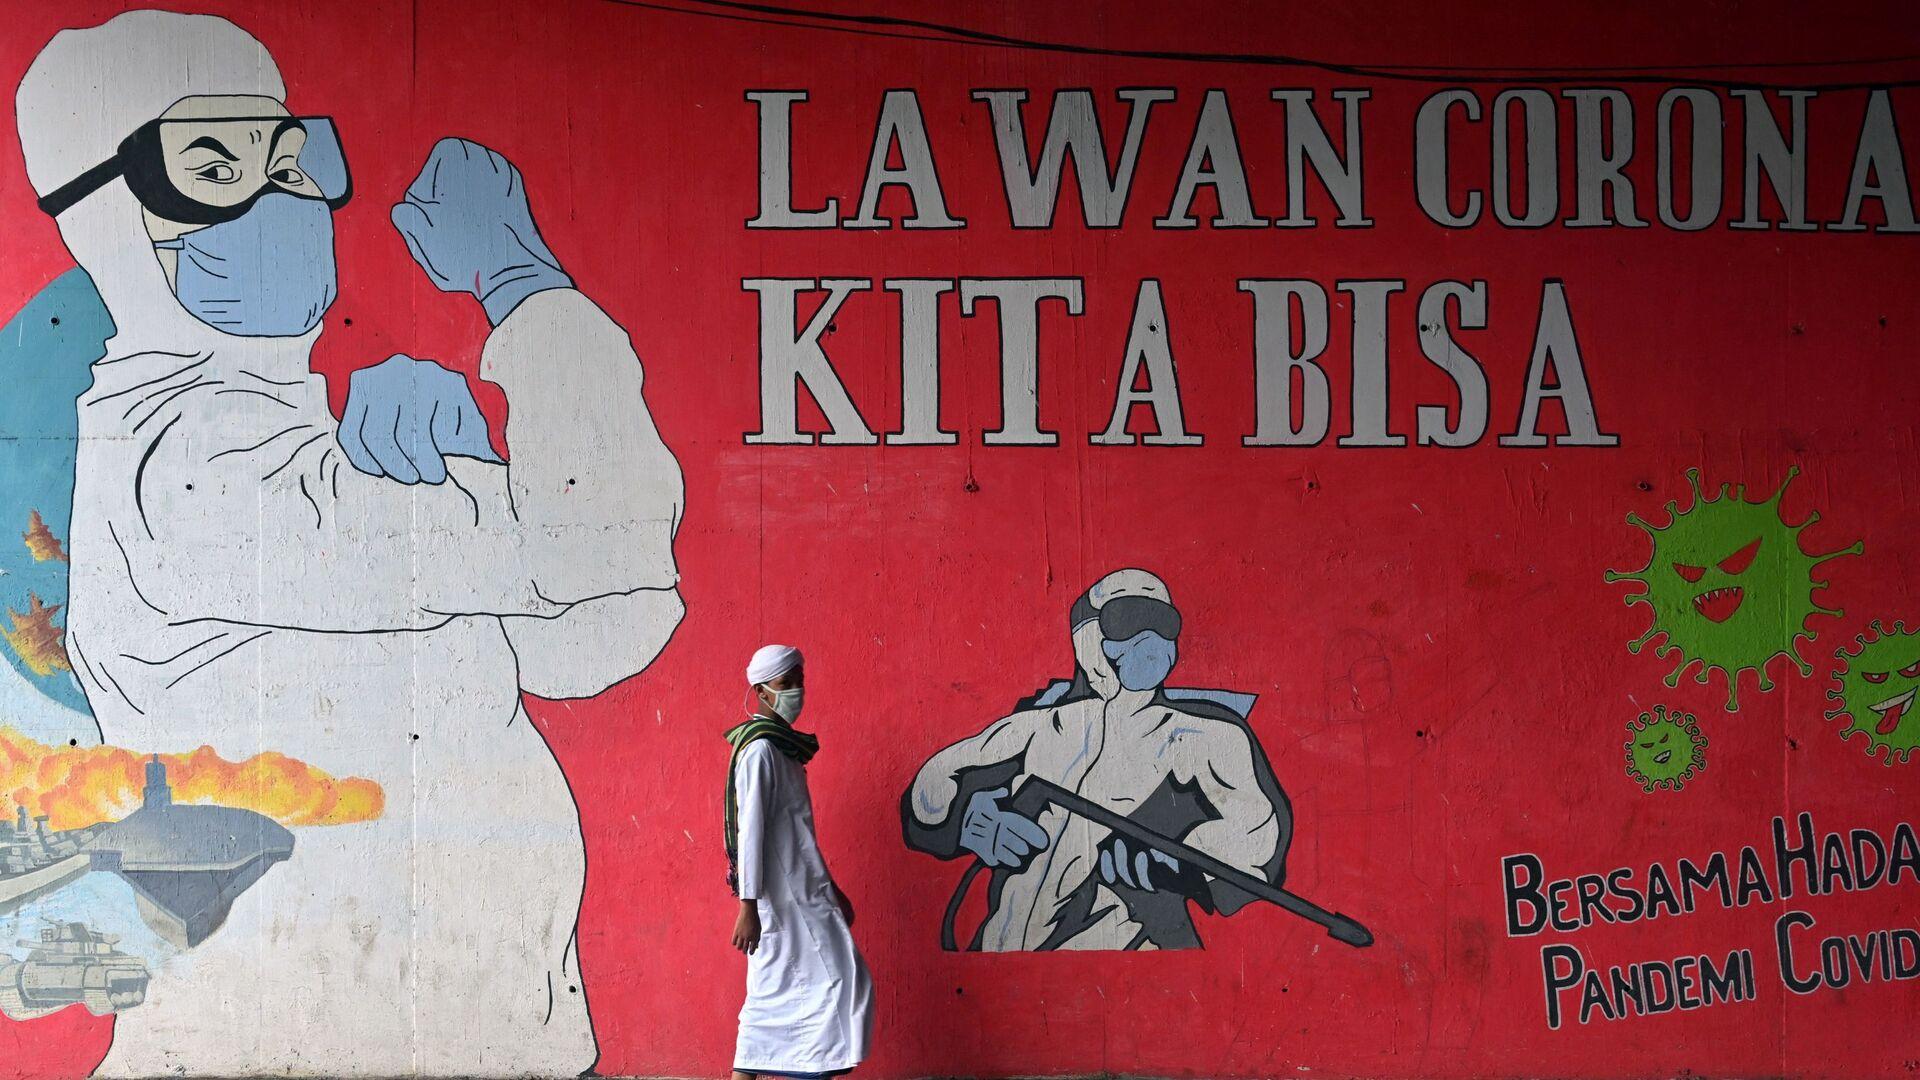 Мужчина у граффити в Джакарте, Индонезия - Sputnik Polska, 1920, 31.07.2021